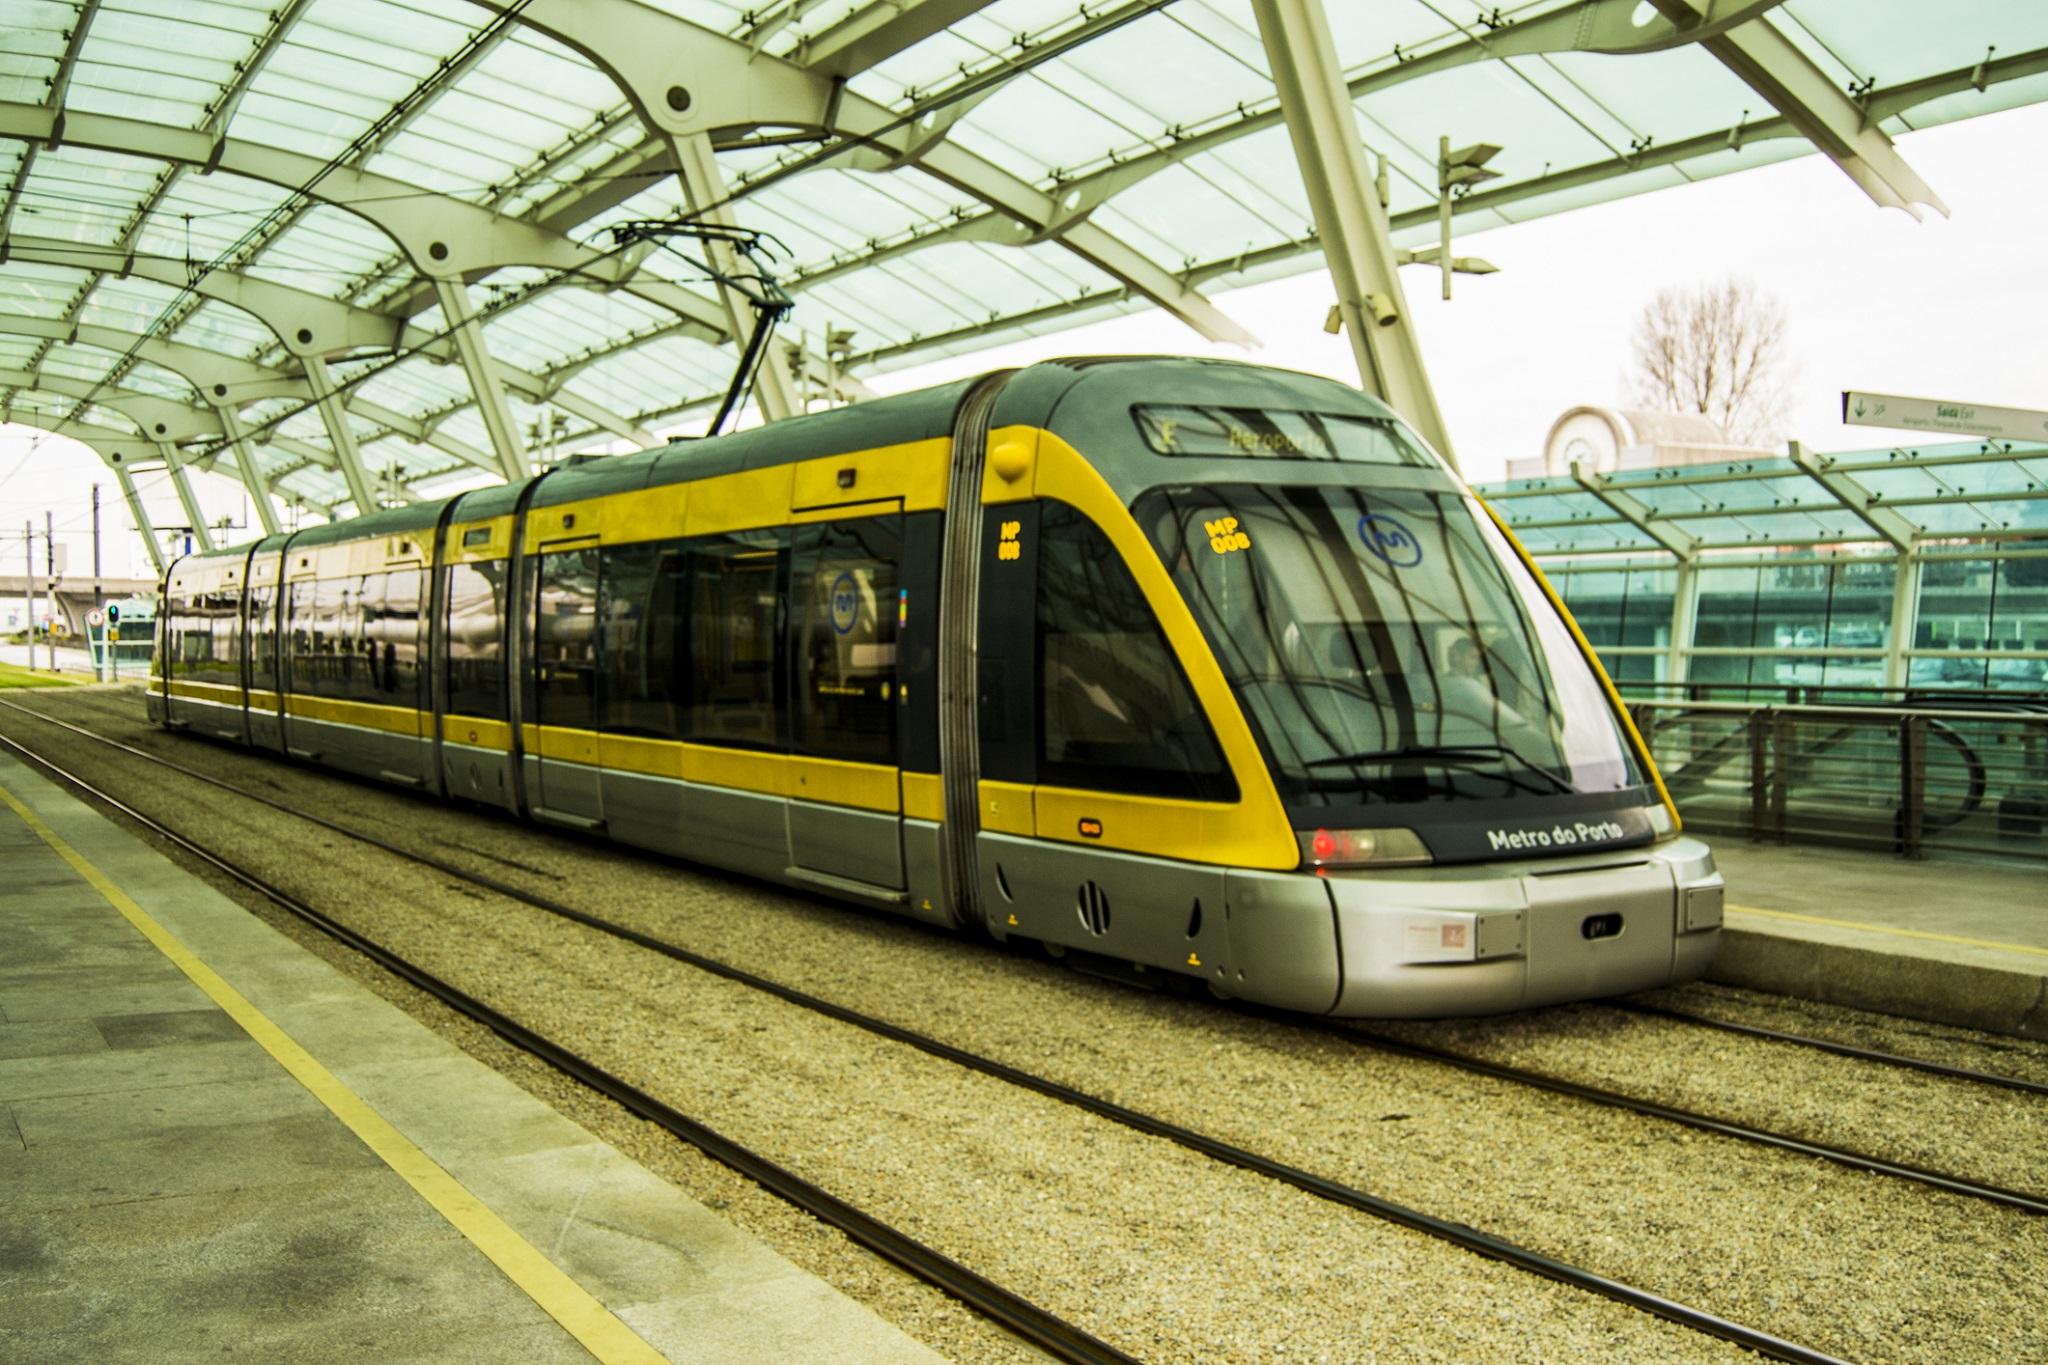 Station de Metro - Aeroport de Porto - Portugal